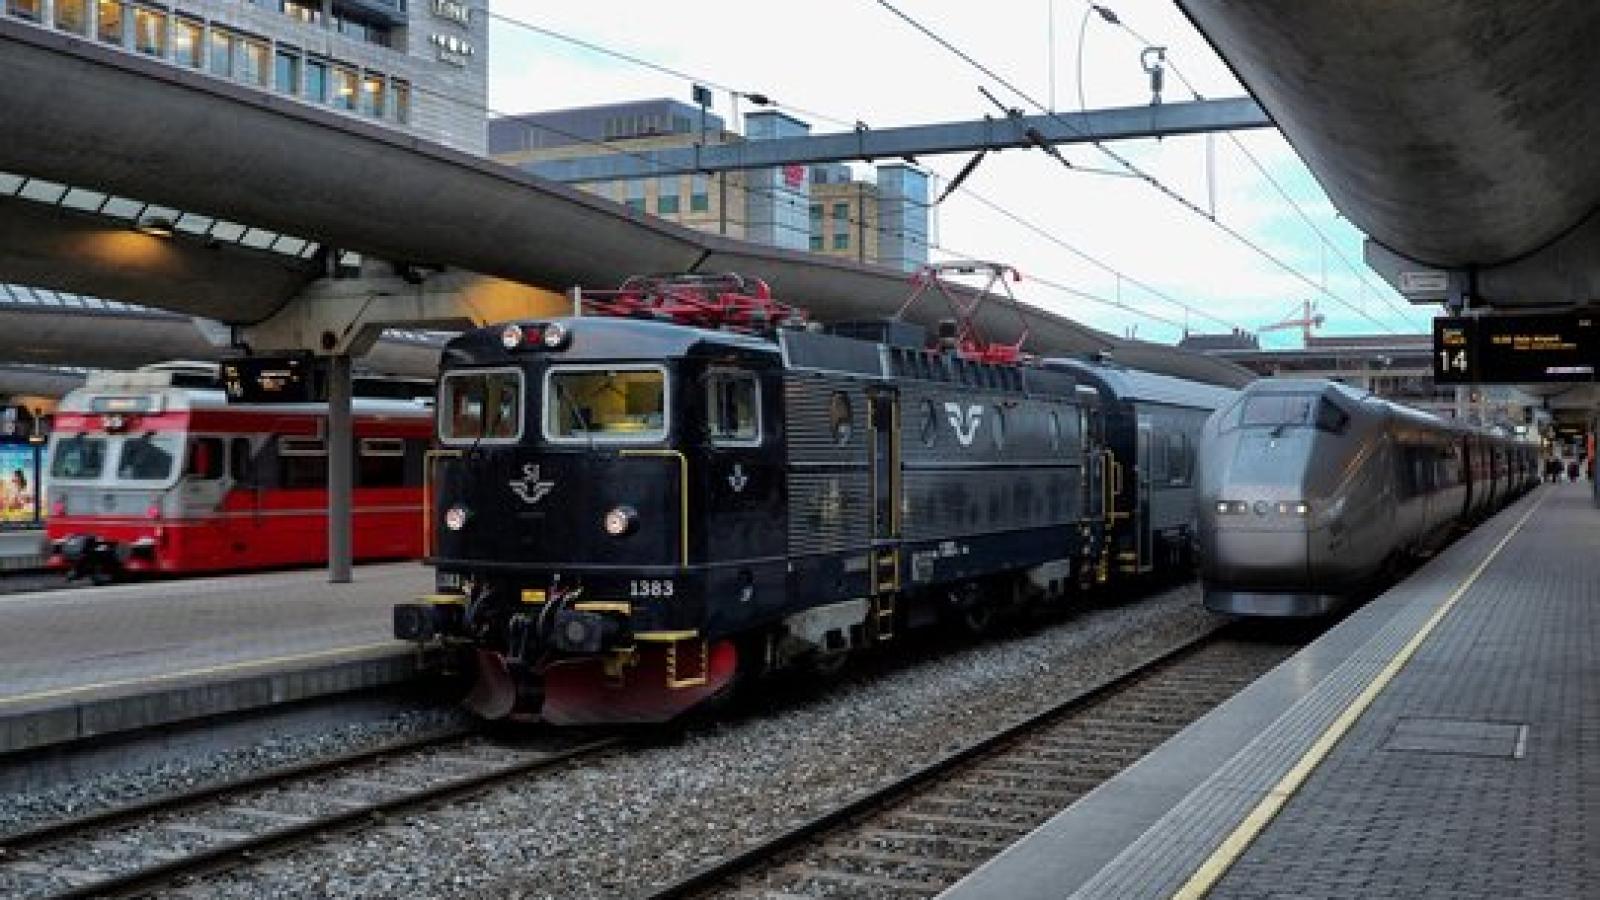 Det kan bli mange utenlandske aktører som kjemper om persontrafikken på norske skinner dersom ikke jernbanepakke IV blir stanset med et veto. Her et SJ-tog på Oslo S. © Norsk Lokomotivmannsforbund / Rolf Støen.